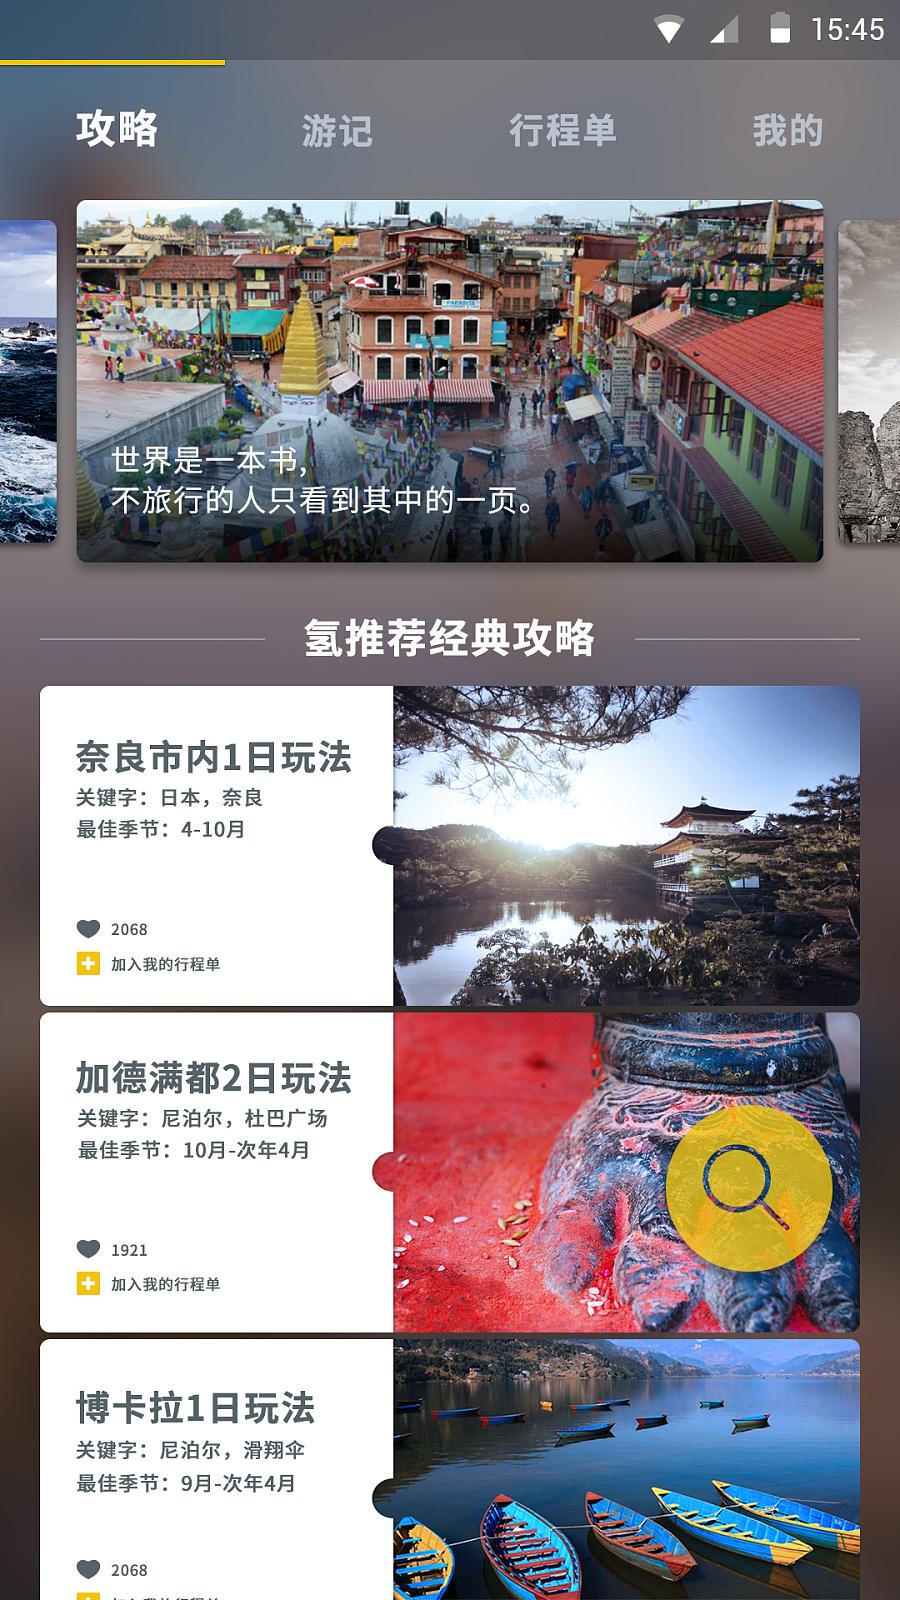 旅游界面类app改版尝试~ 移动坚果/APP设备 U攻略攻略收集图片